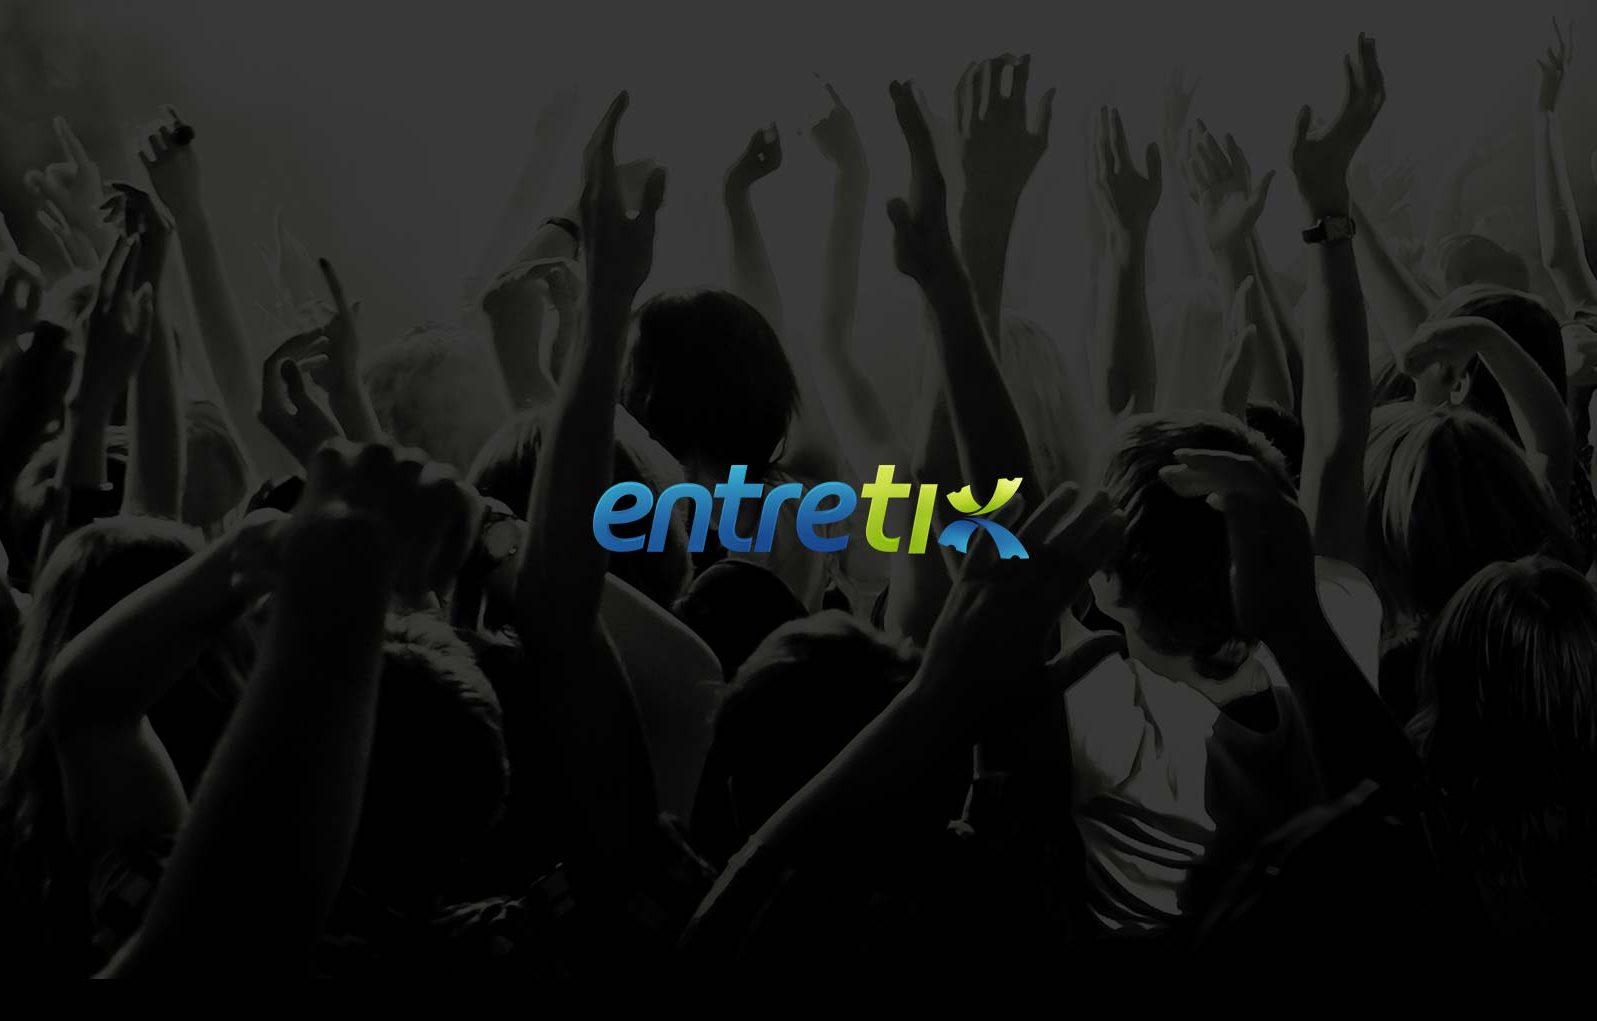 Entretix – Releasing